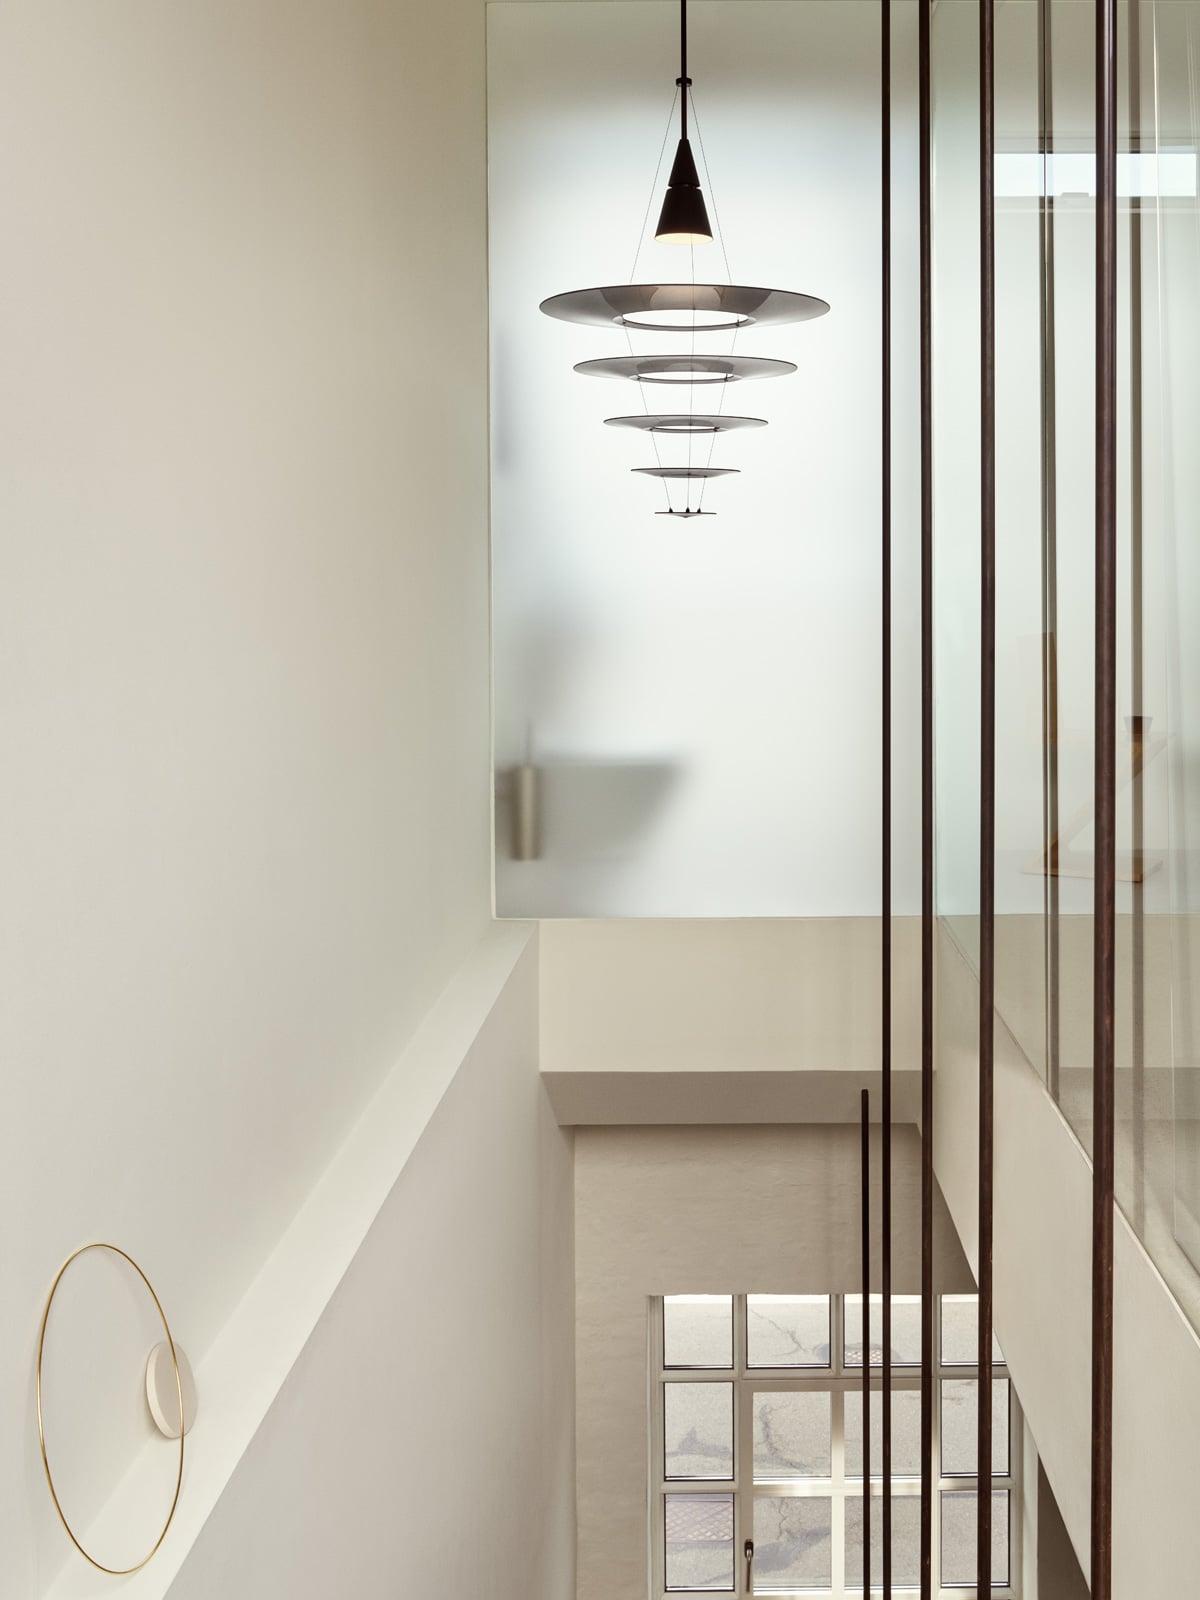 Efterstræbte ENIGMA 425 - Lampen Leuchten Designerleuchten Online Berlin Design MG-77